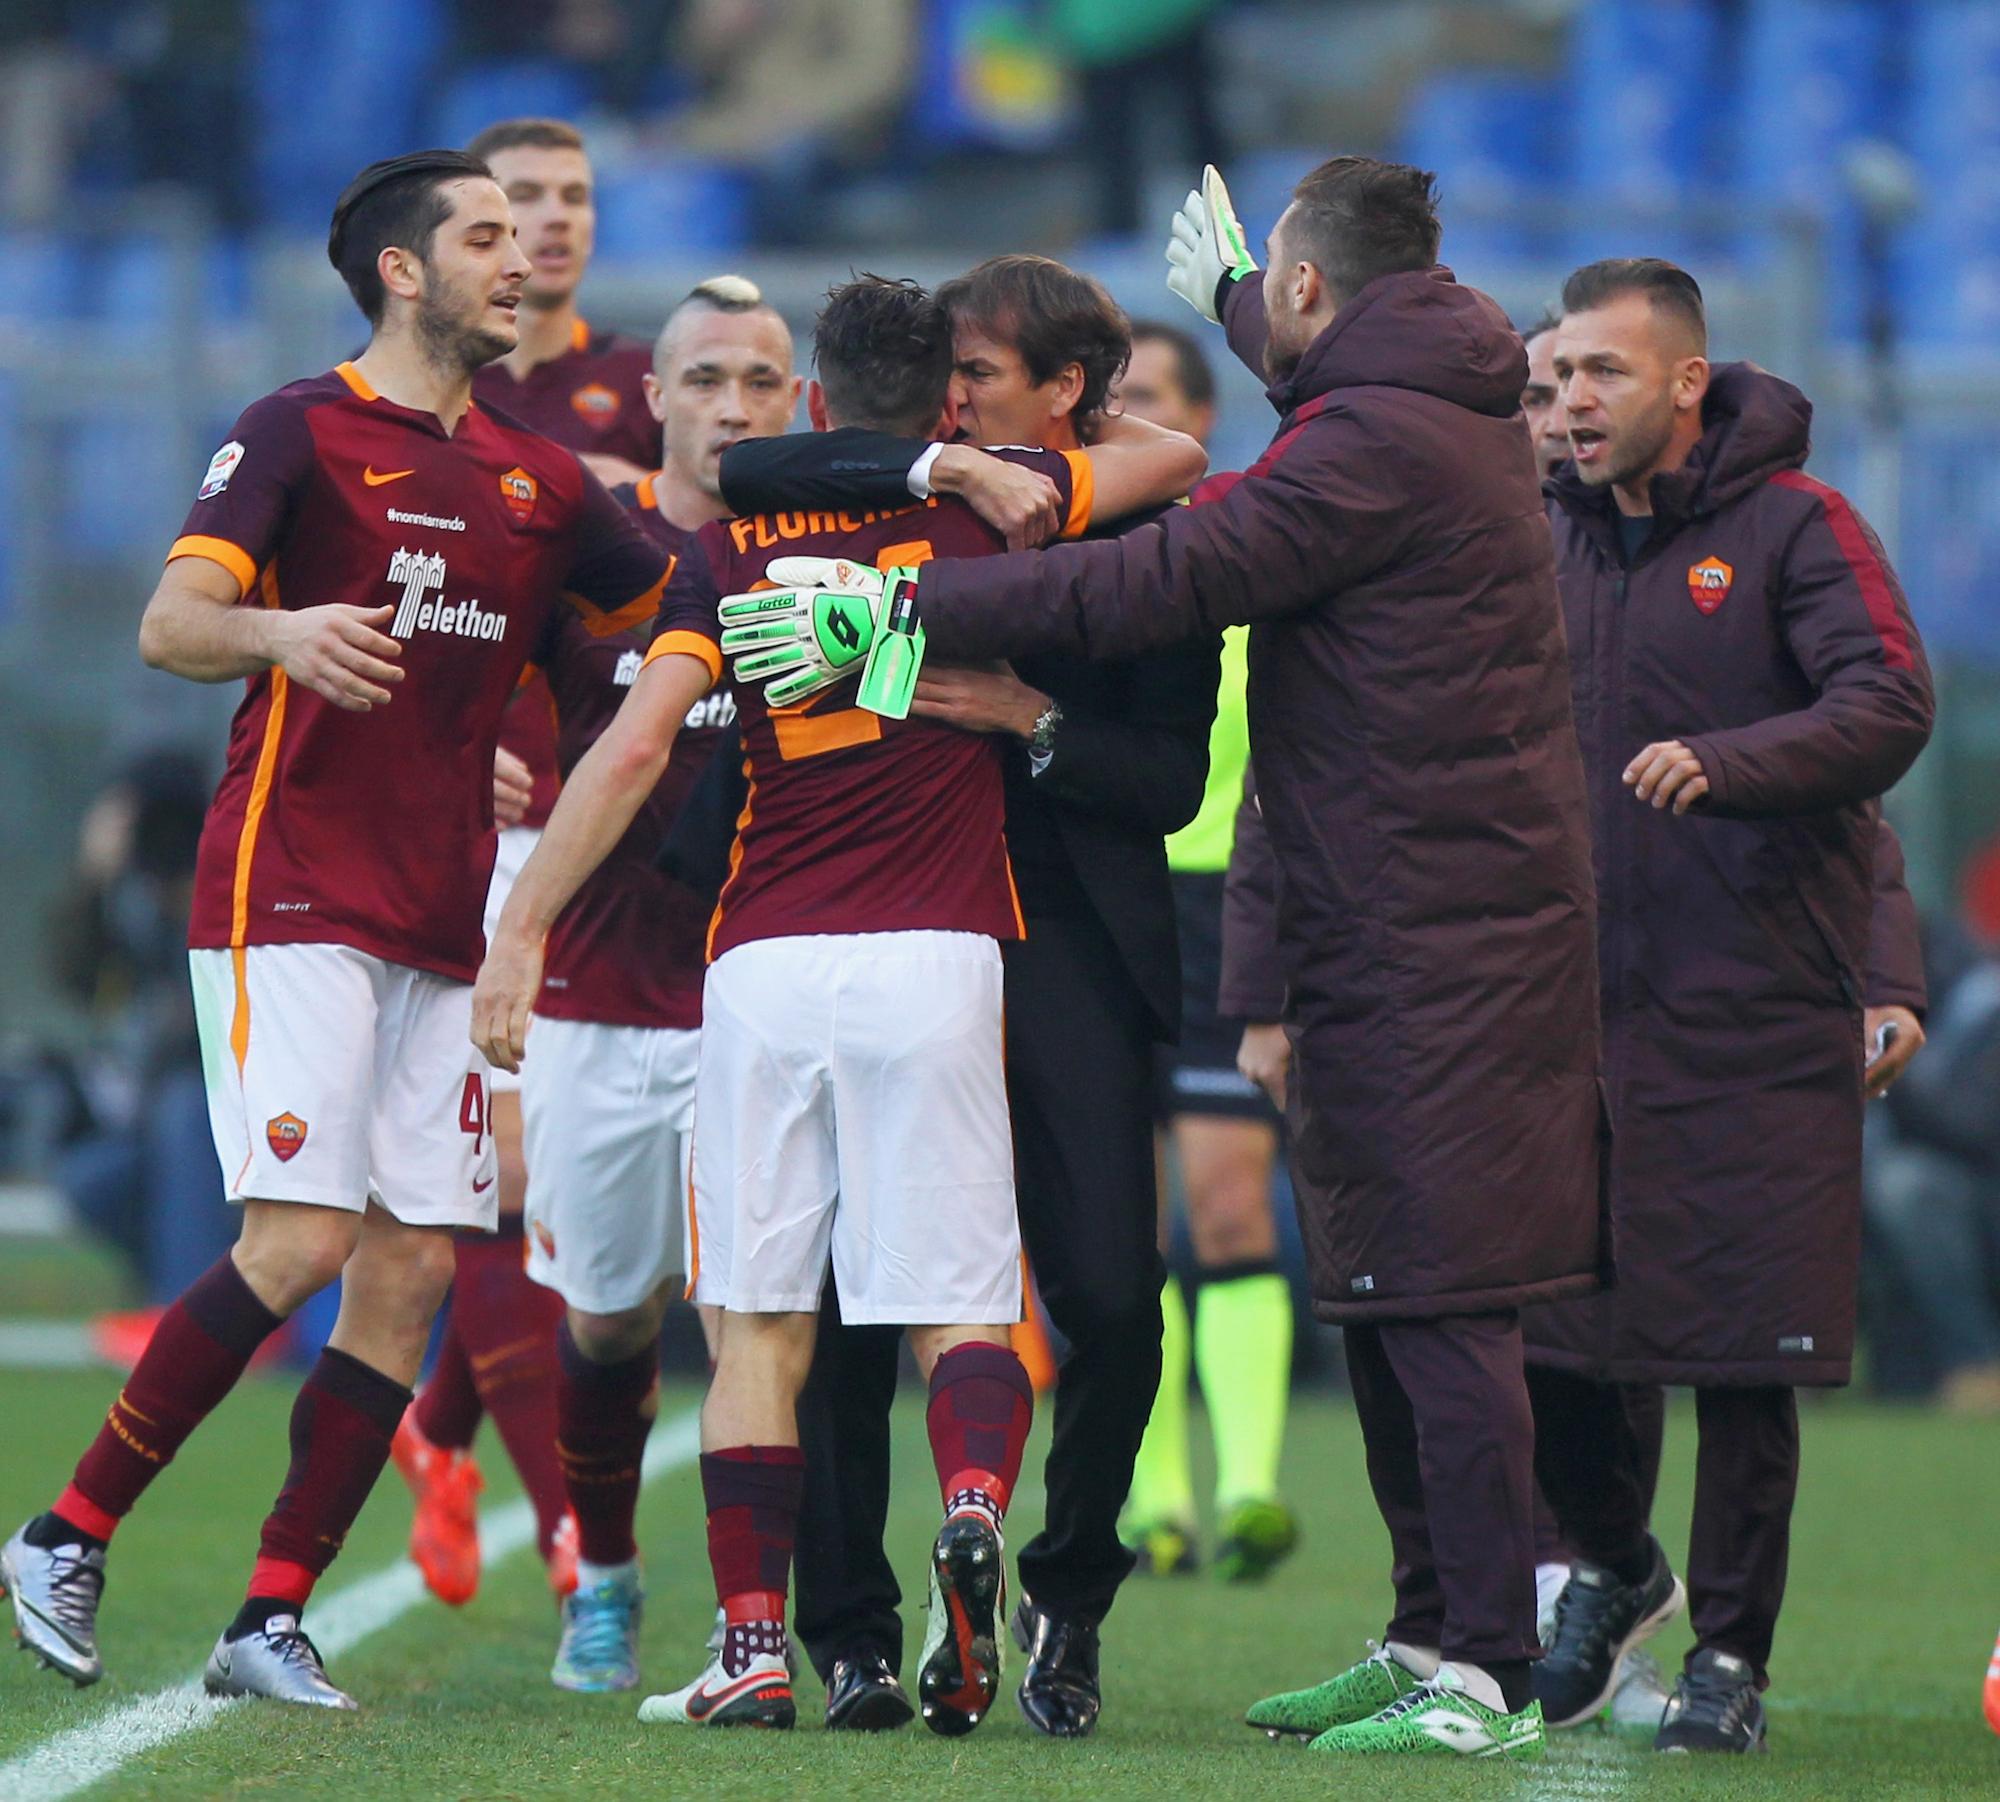 Dichiarazione d'intenti dello spogliatoio della Roma dopo il gol di Florenzi